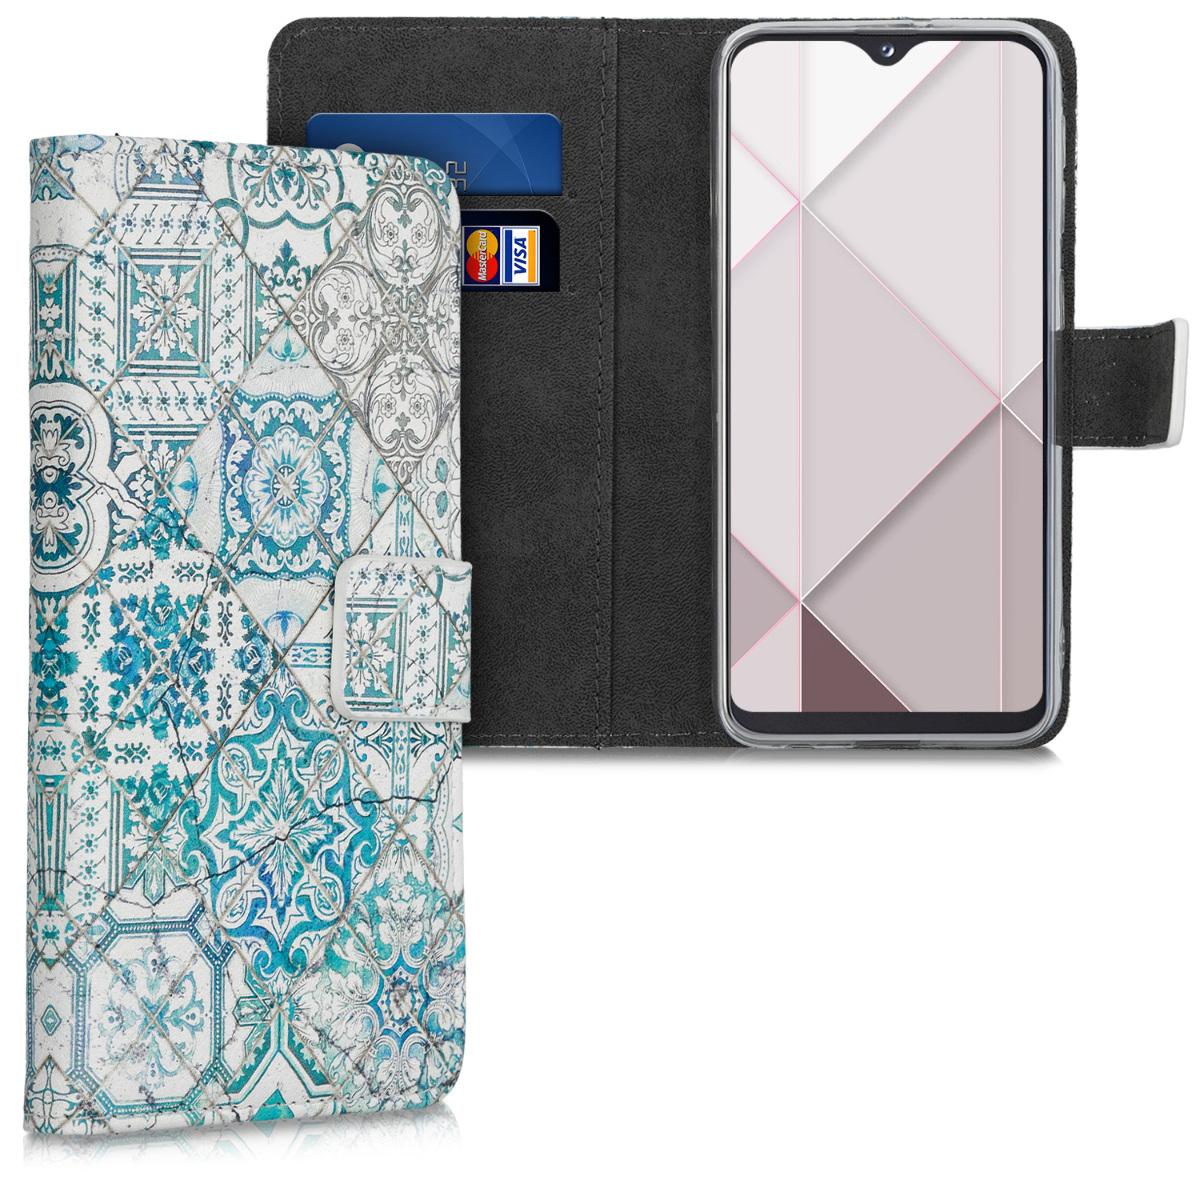 Kožené pouzdro pro Samsung A20e - Moroccan Vibes monochromaticky modré / šedé / bílá